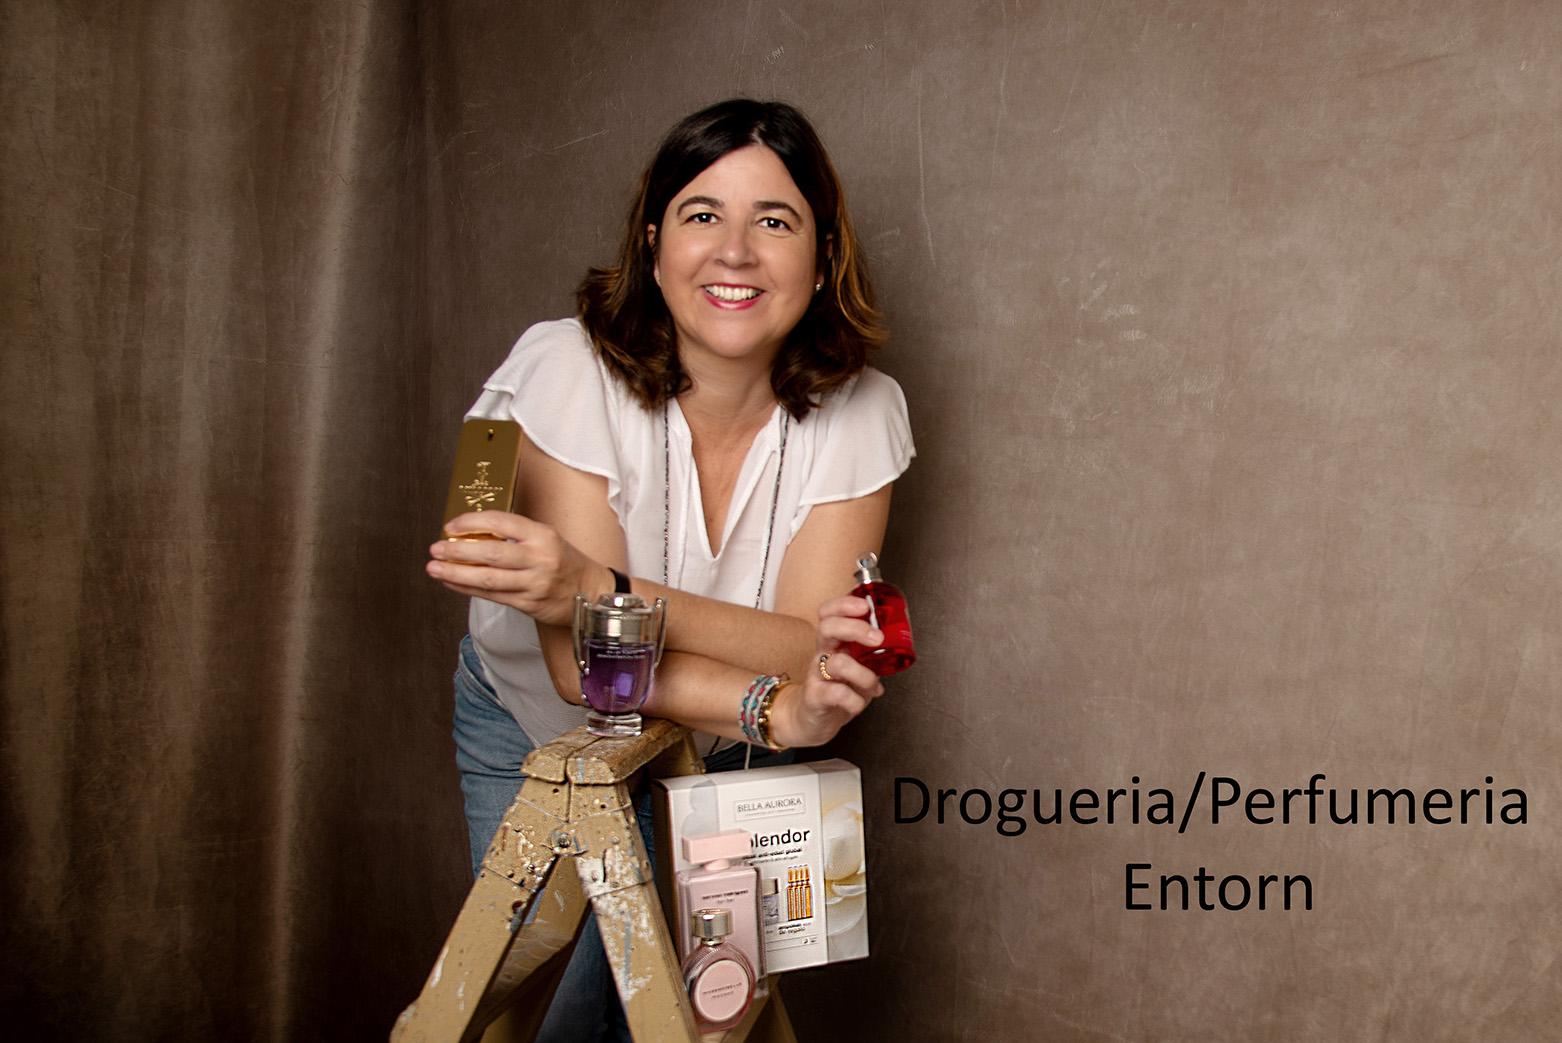 Drogueria/Perfumeria Entorn